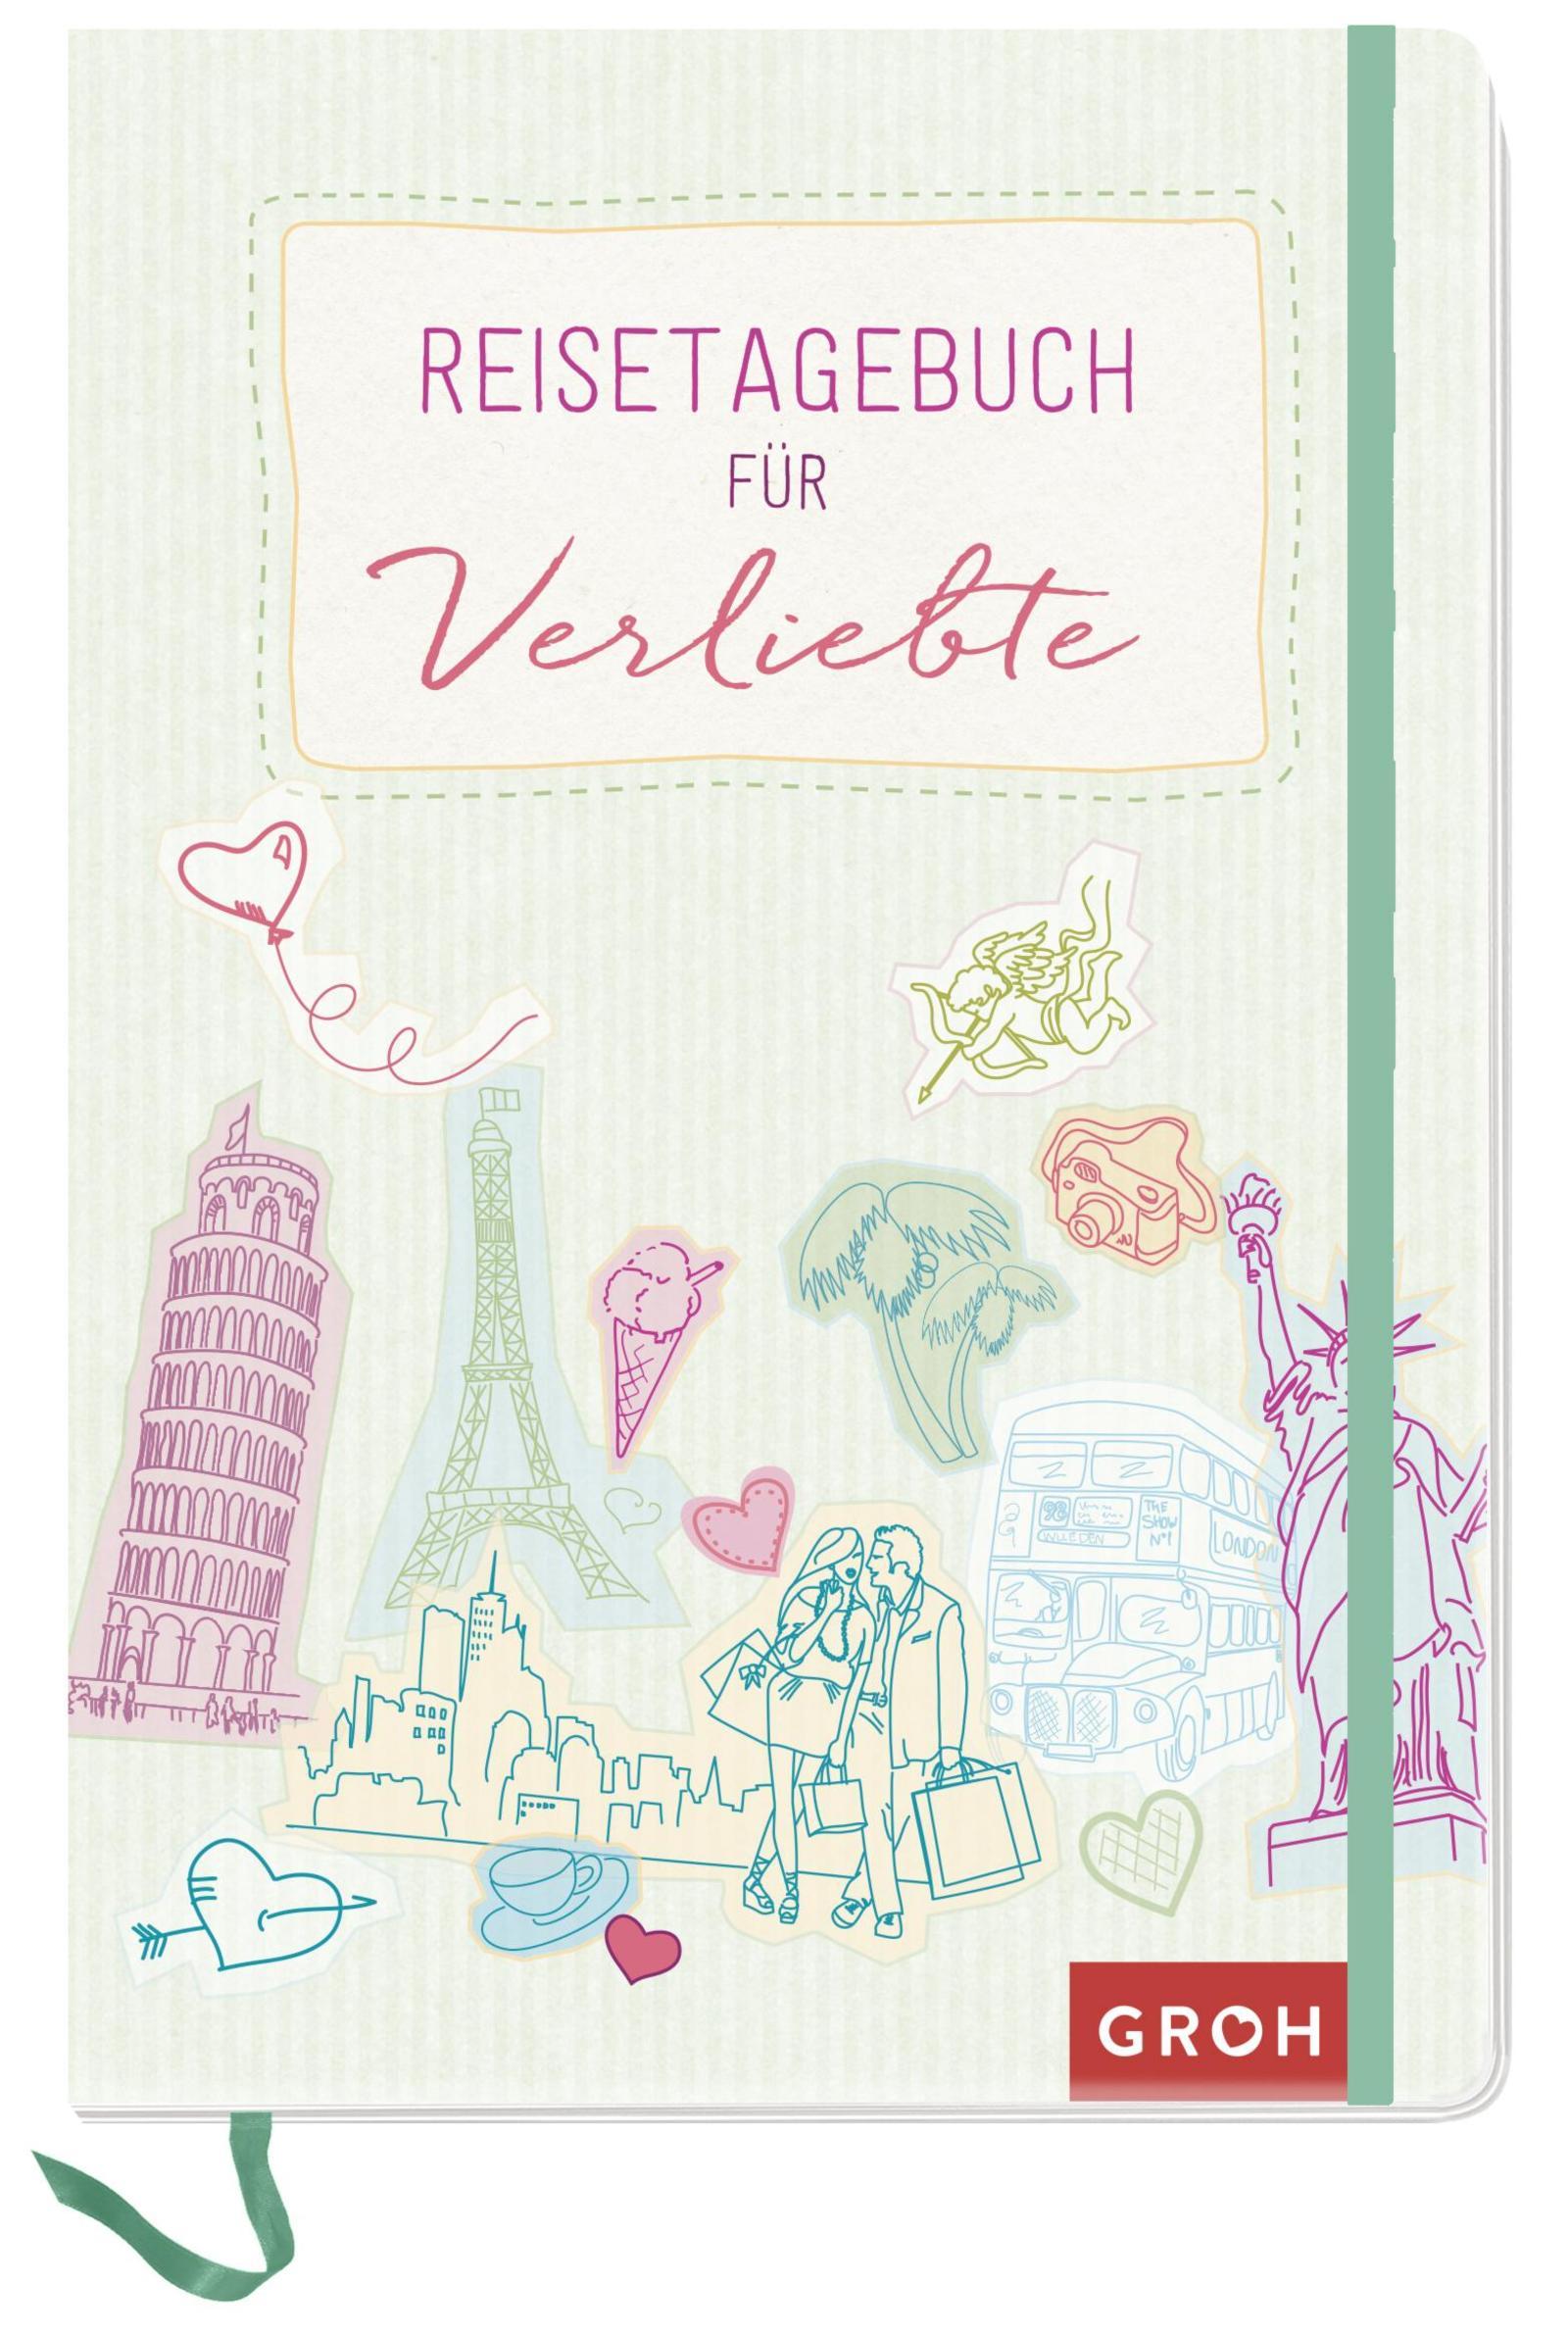 Reisetagebuch für Verliebte